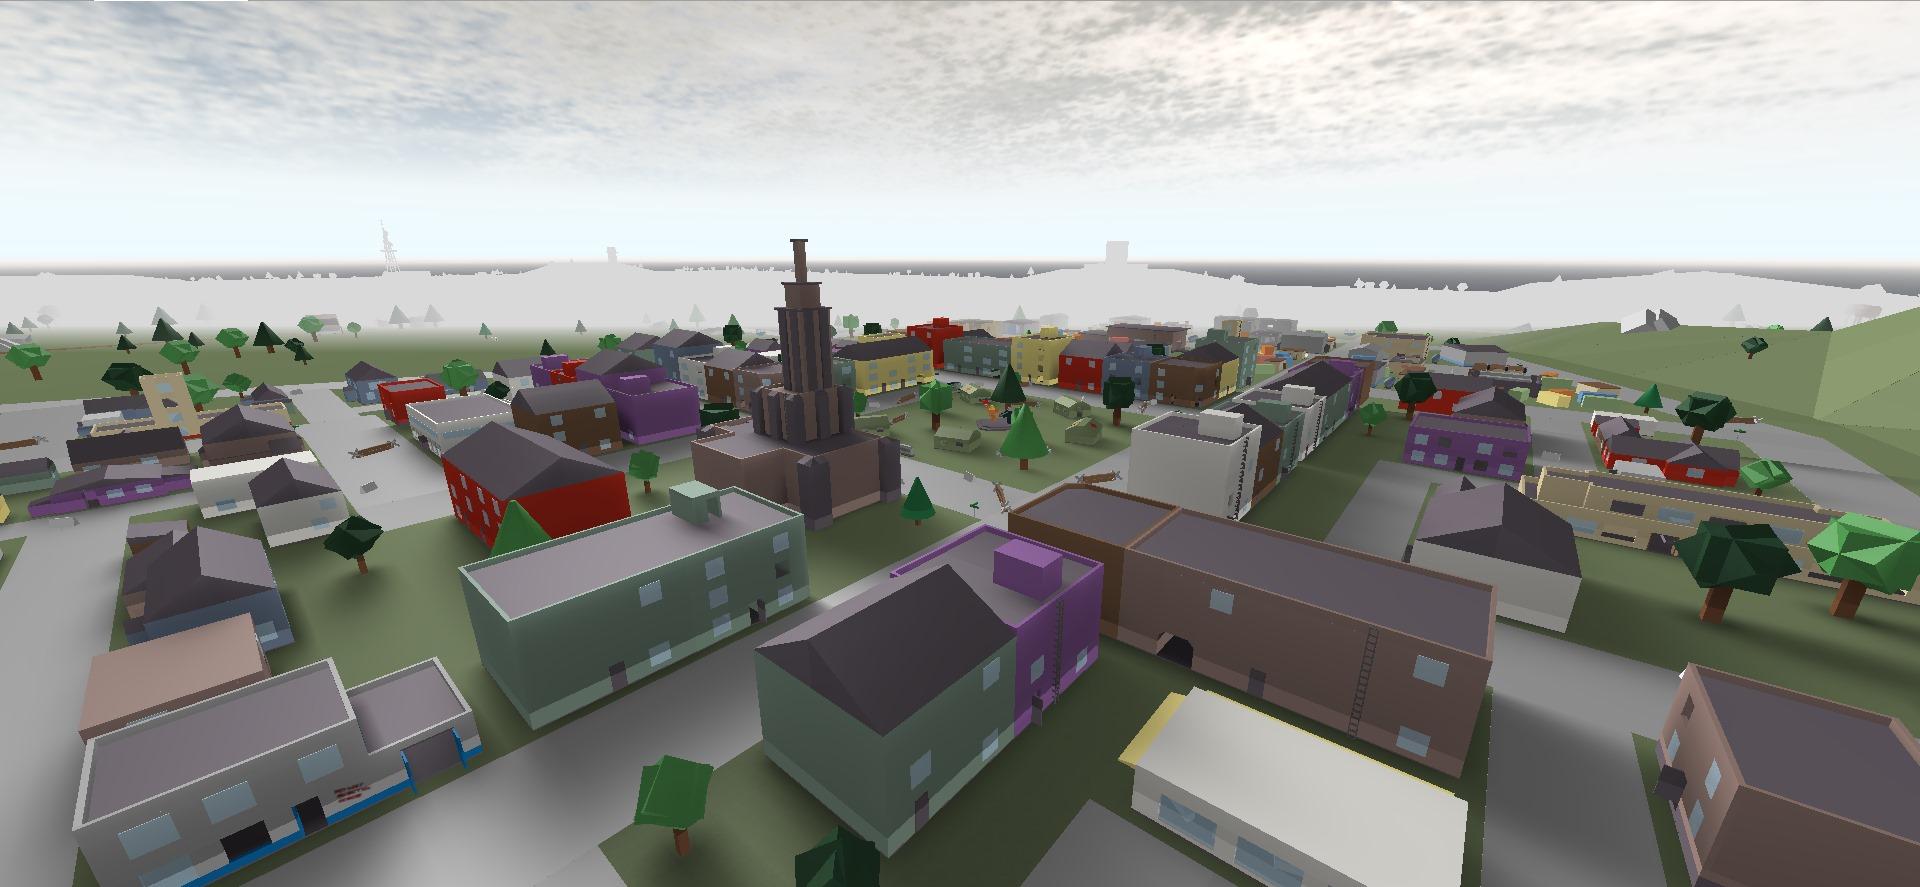 Image   Wiki background The Apocalypse Rising Wiki FANDOM 1920x887